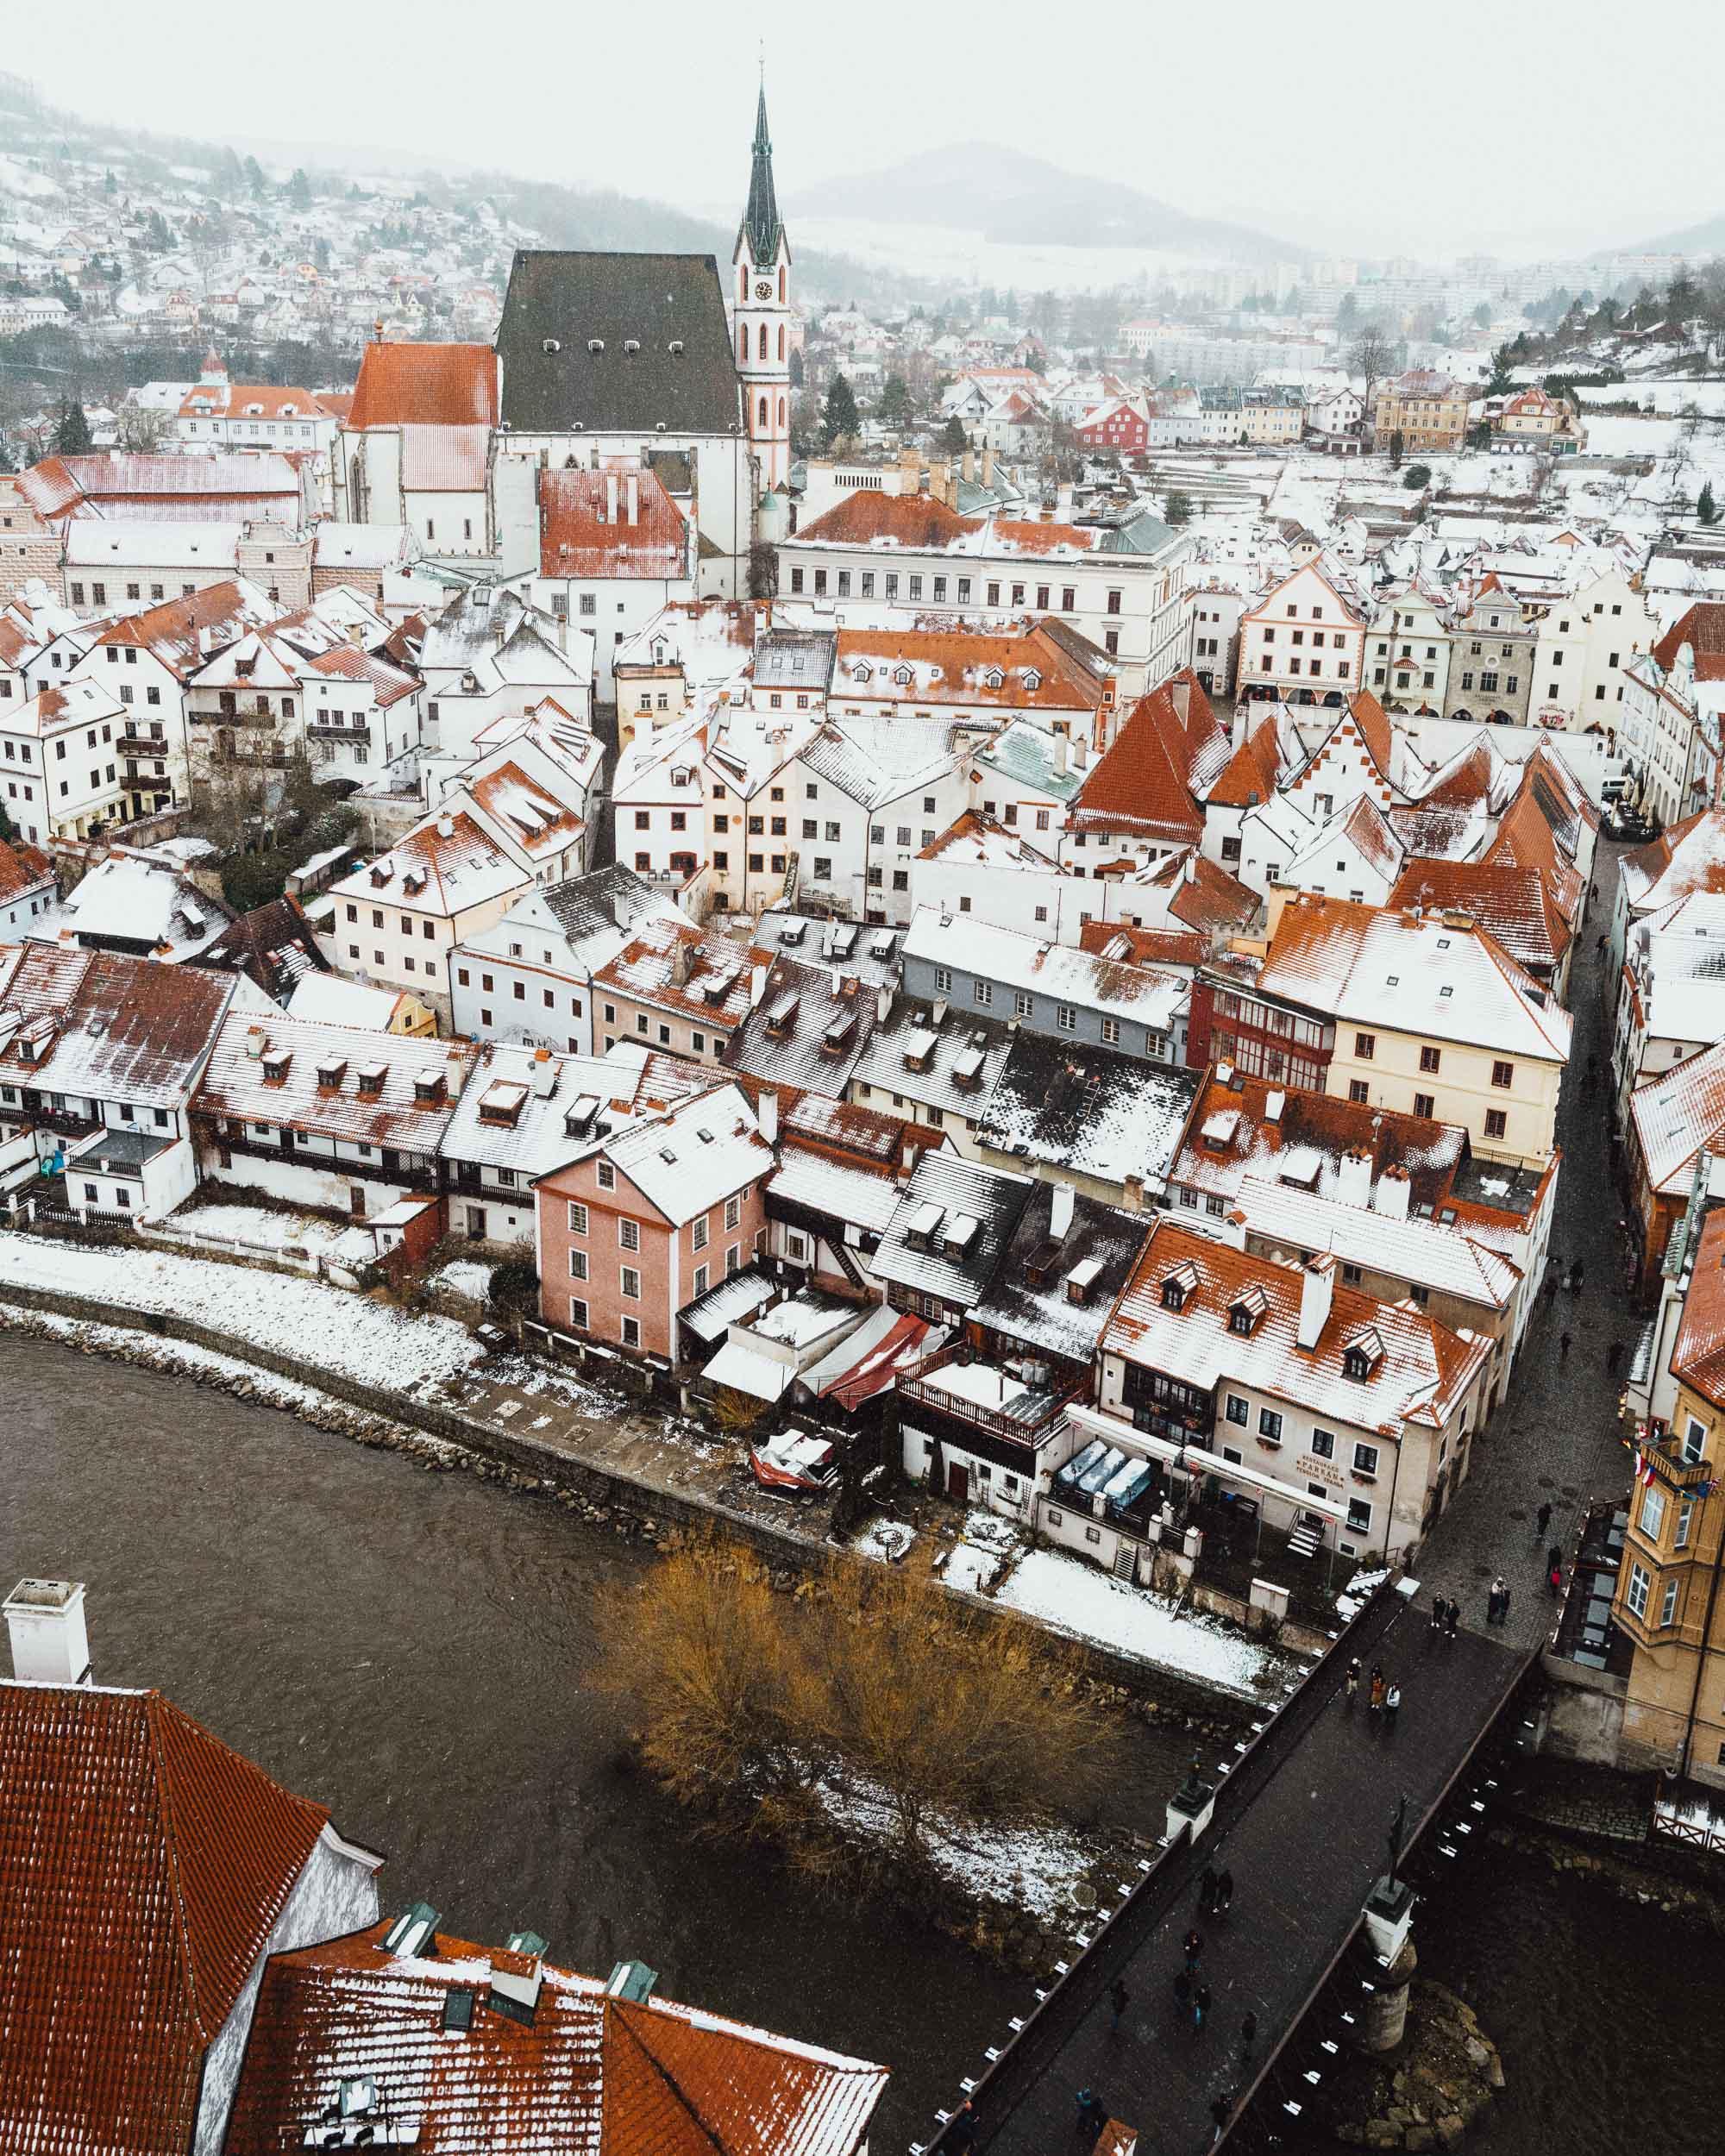 View of Cesky Krumlov from Cesky Krumlov Castle Tower